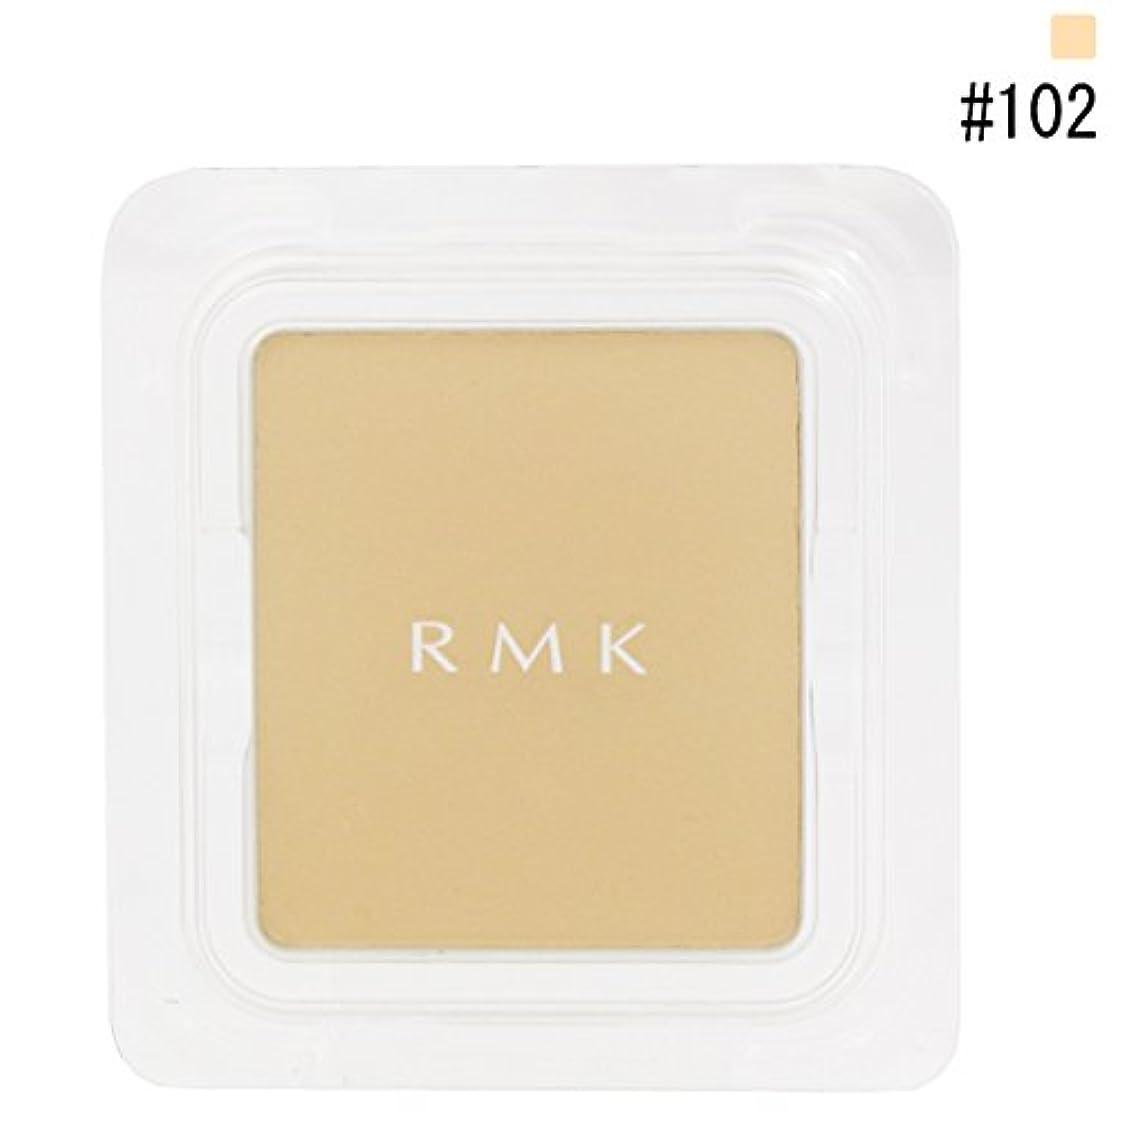 羽潤滑する同等の【RMK (ルミコ)】エアリーパウダーファンデーション (レフィル) #102 10.5g